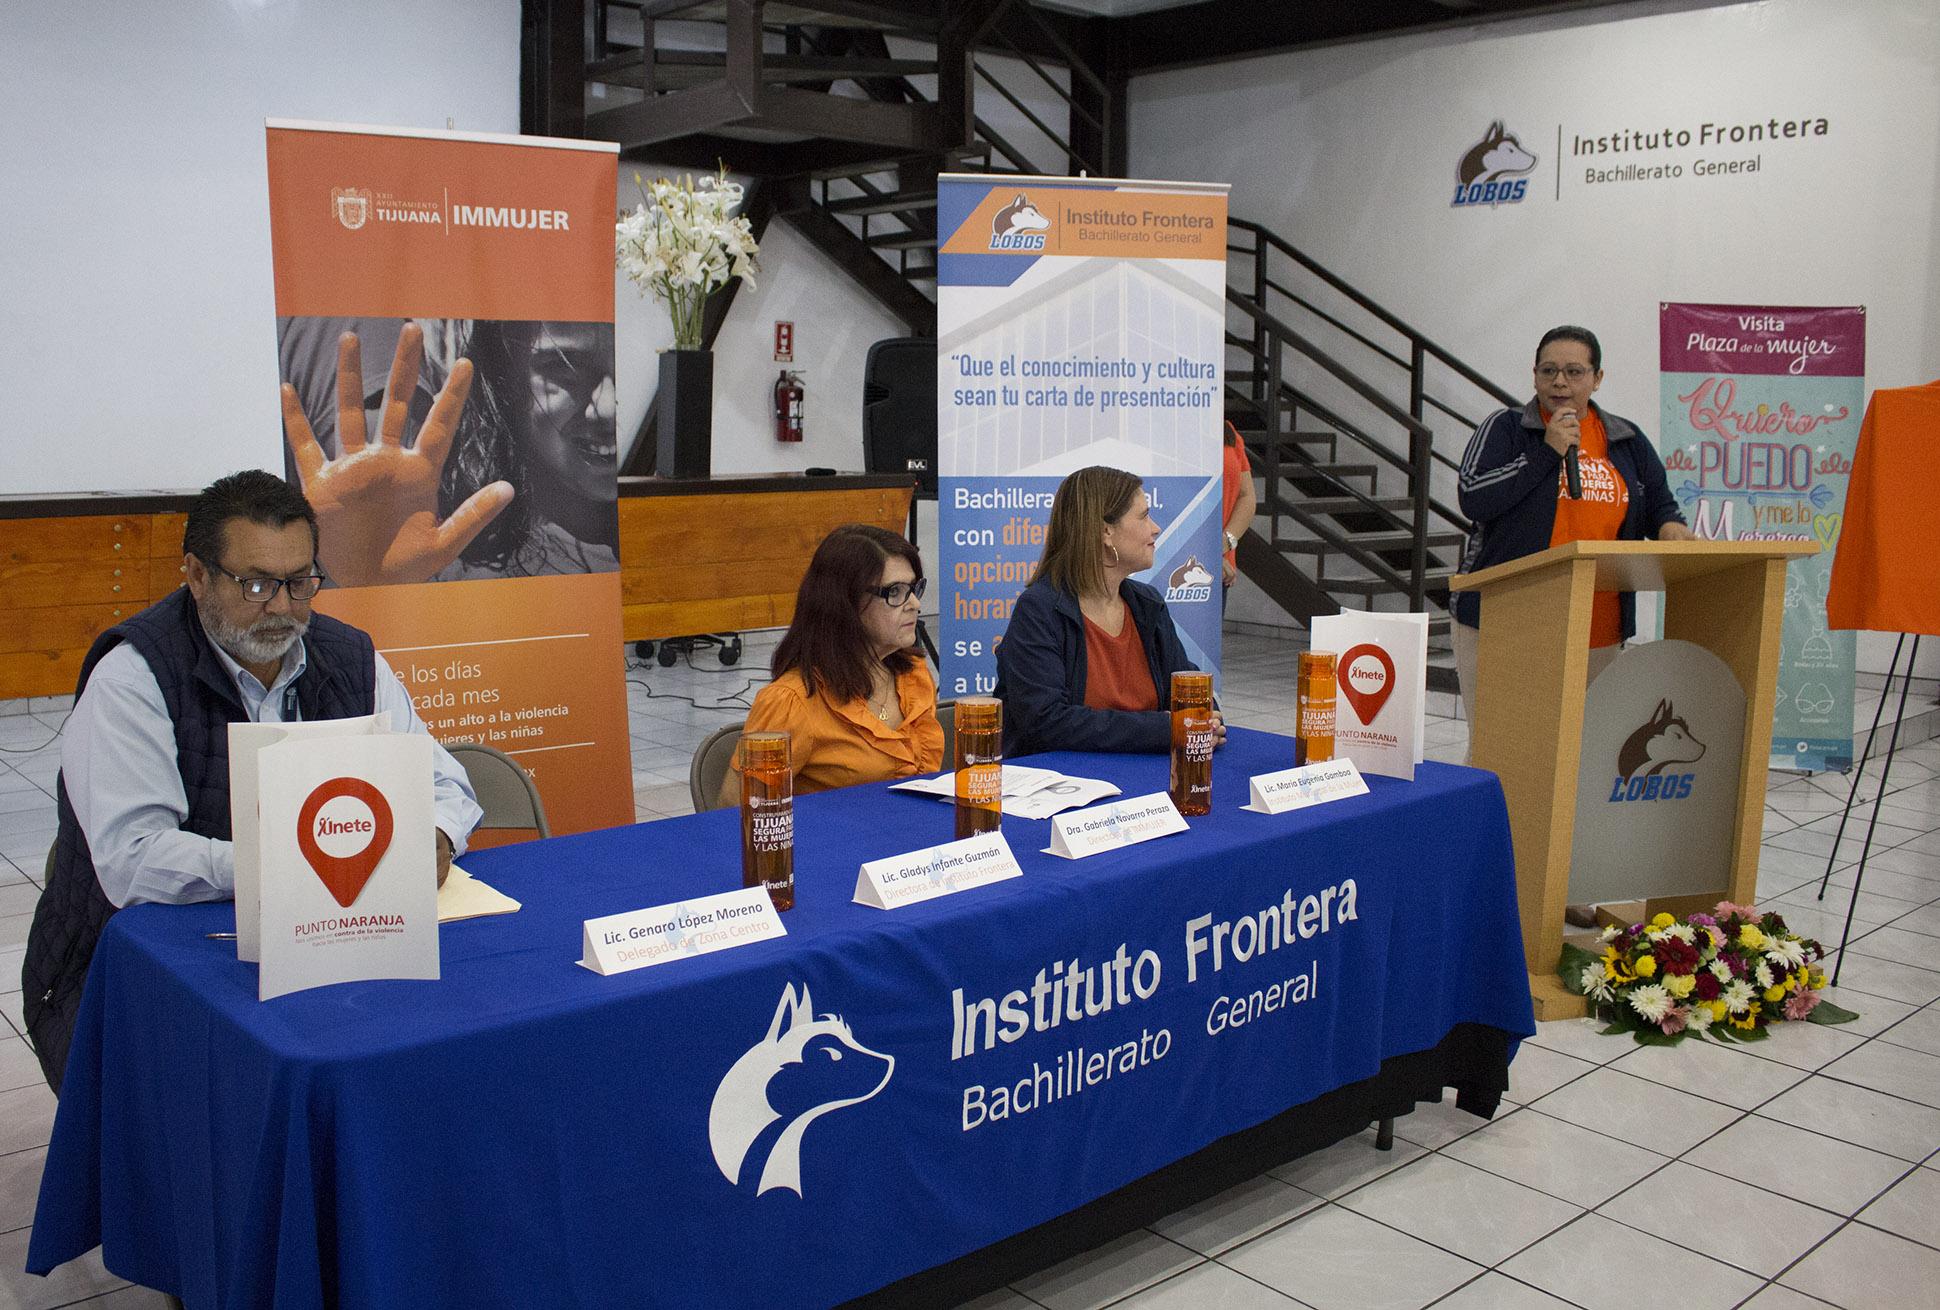 Instituto Frontera